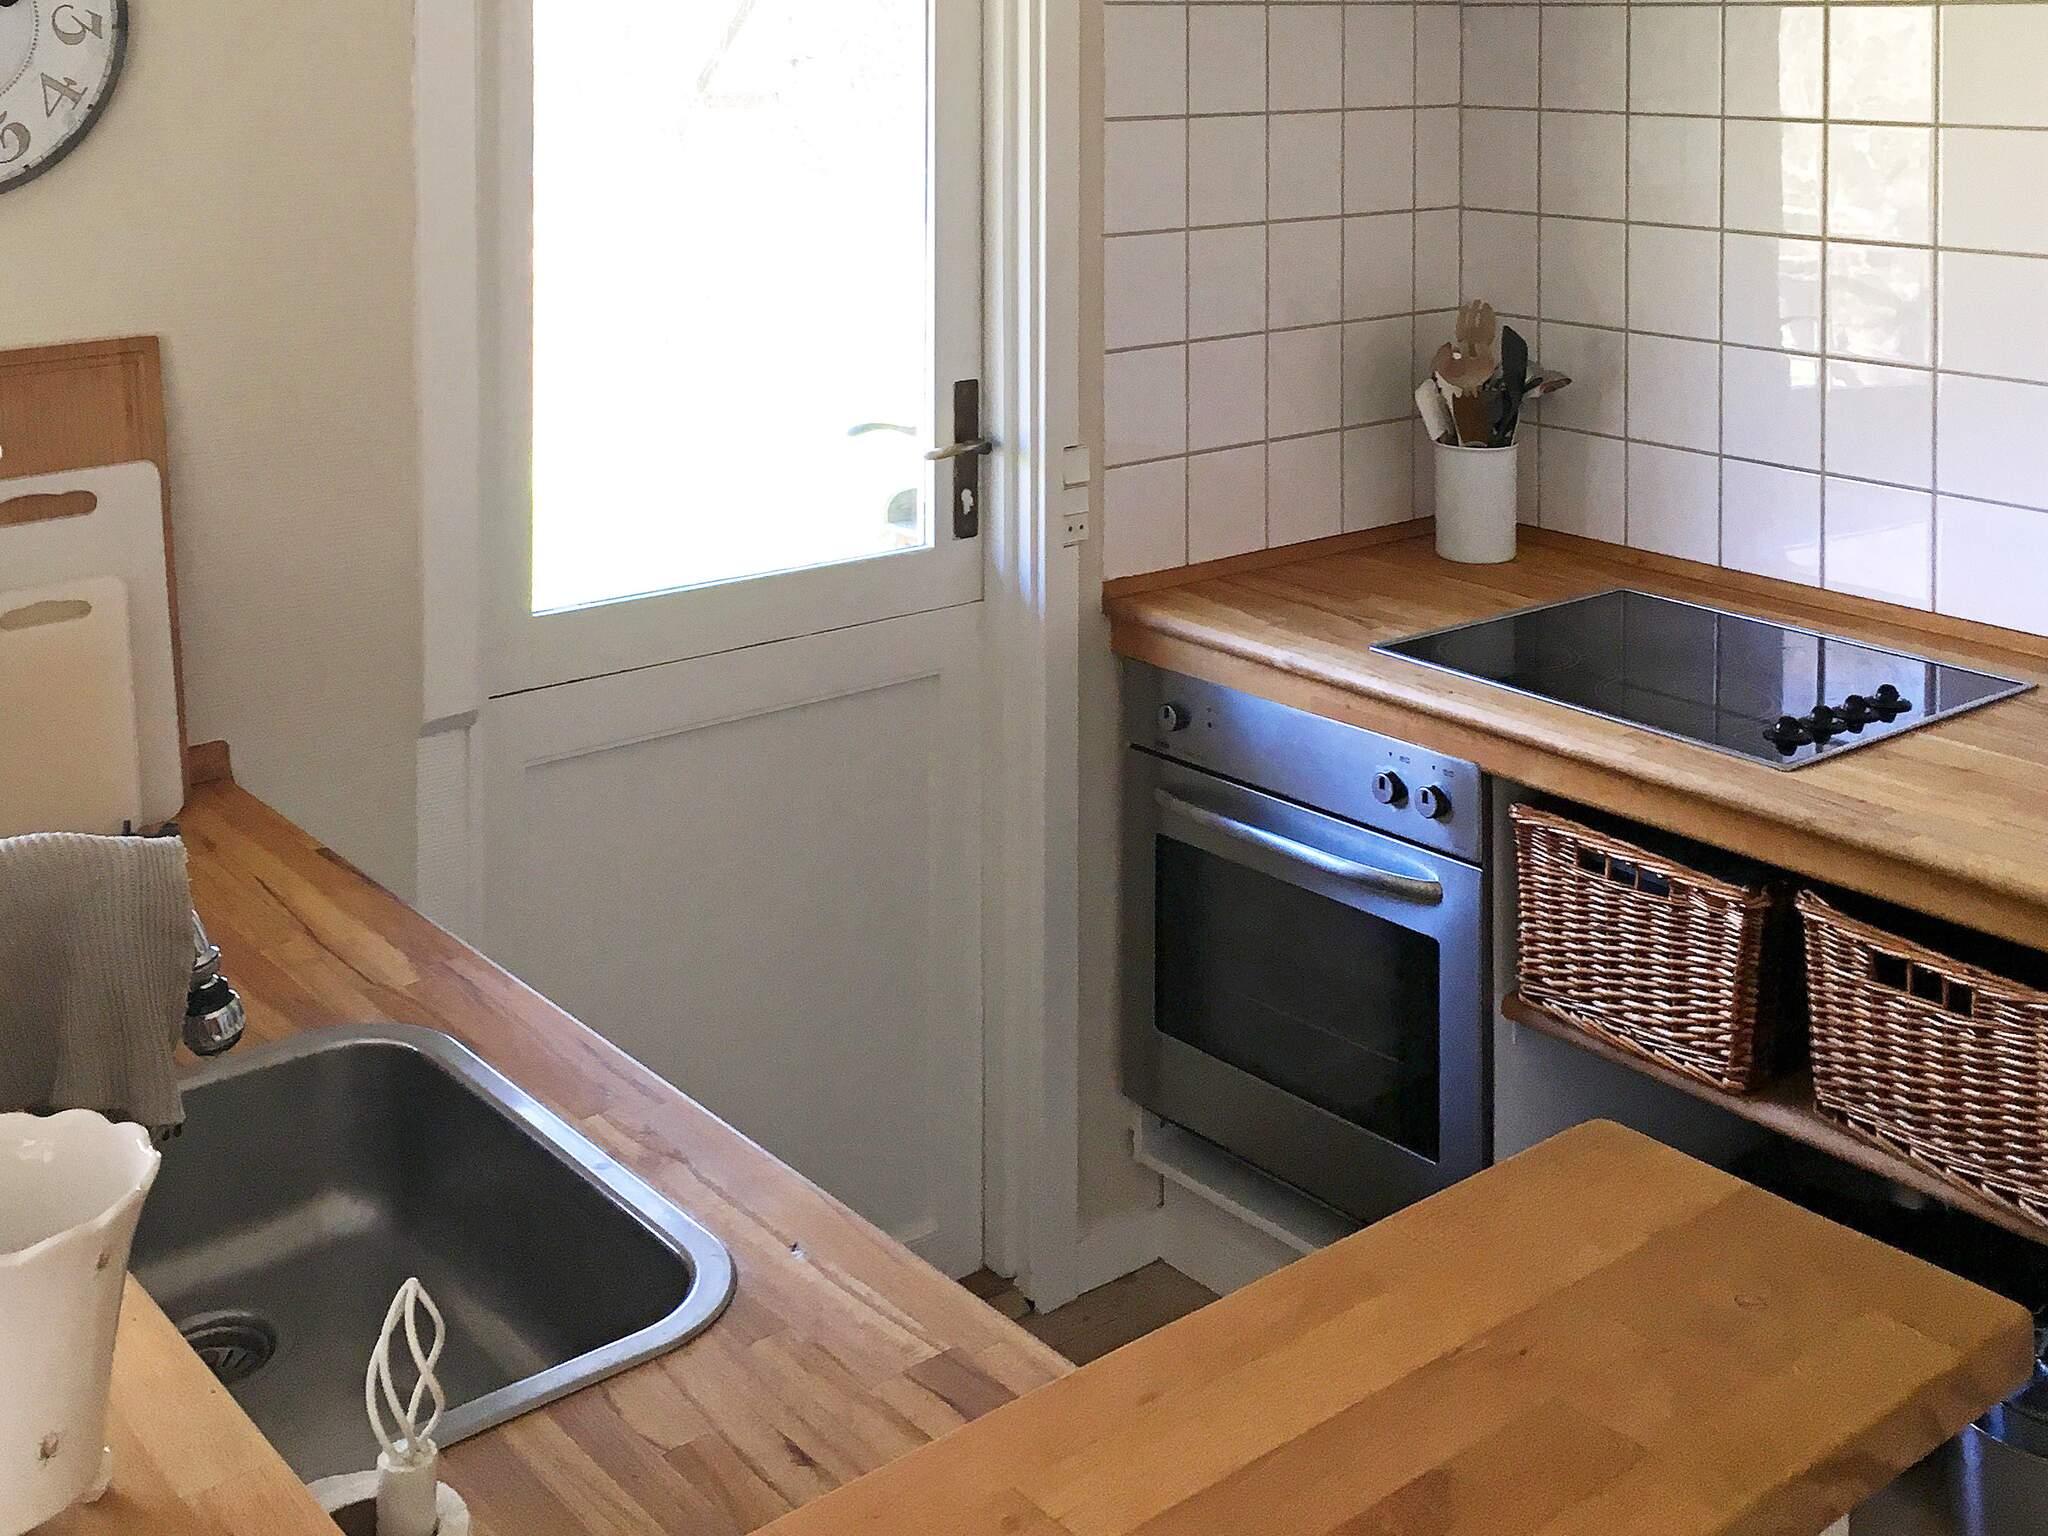 Ferienhaus Udsholt Strand (2584321), Udsholt, , Nordseeland, Dänemark, Bild 4